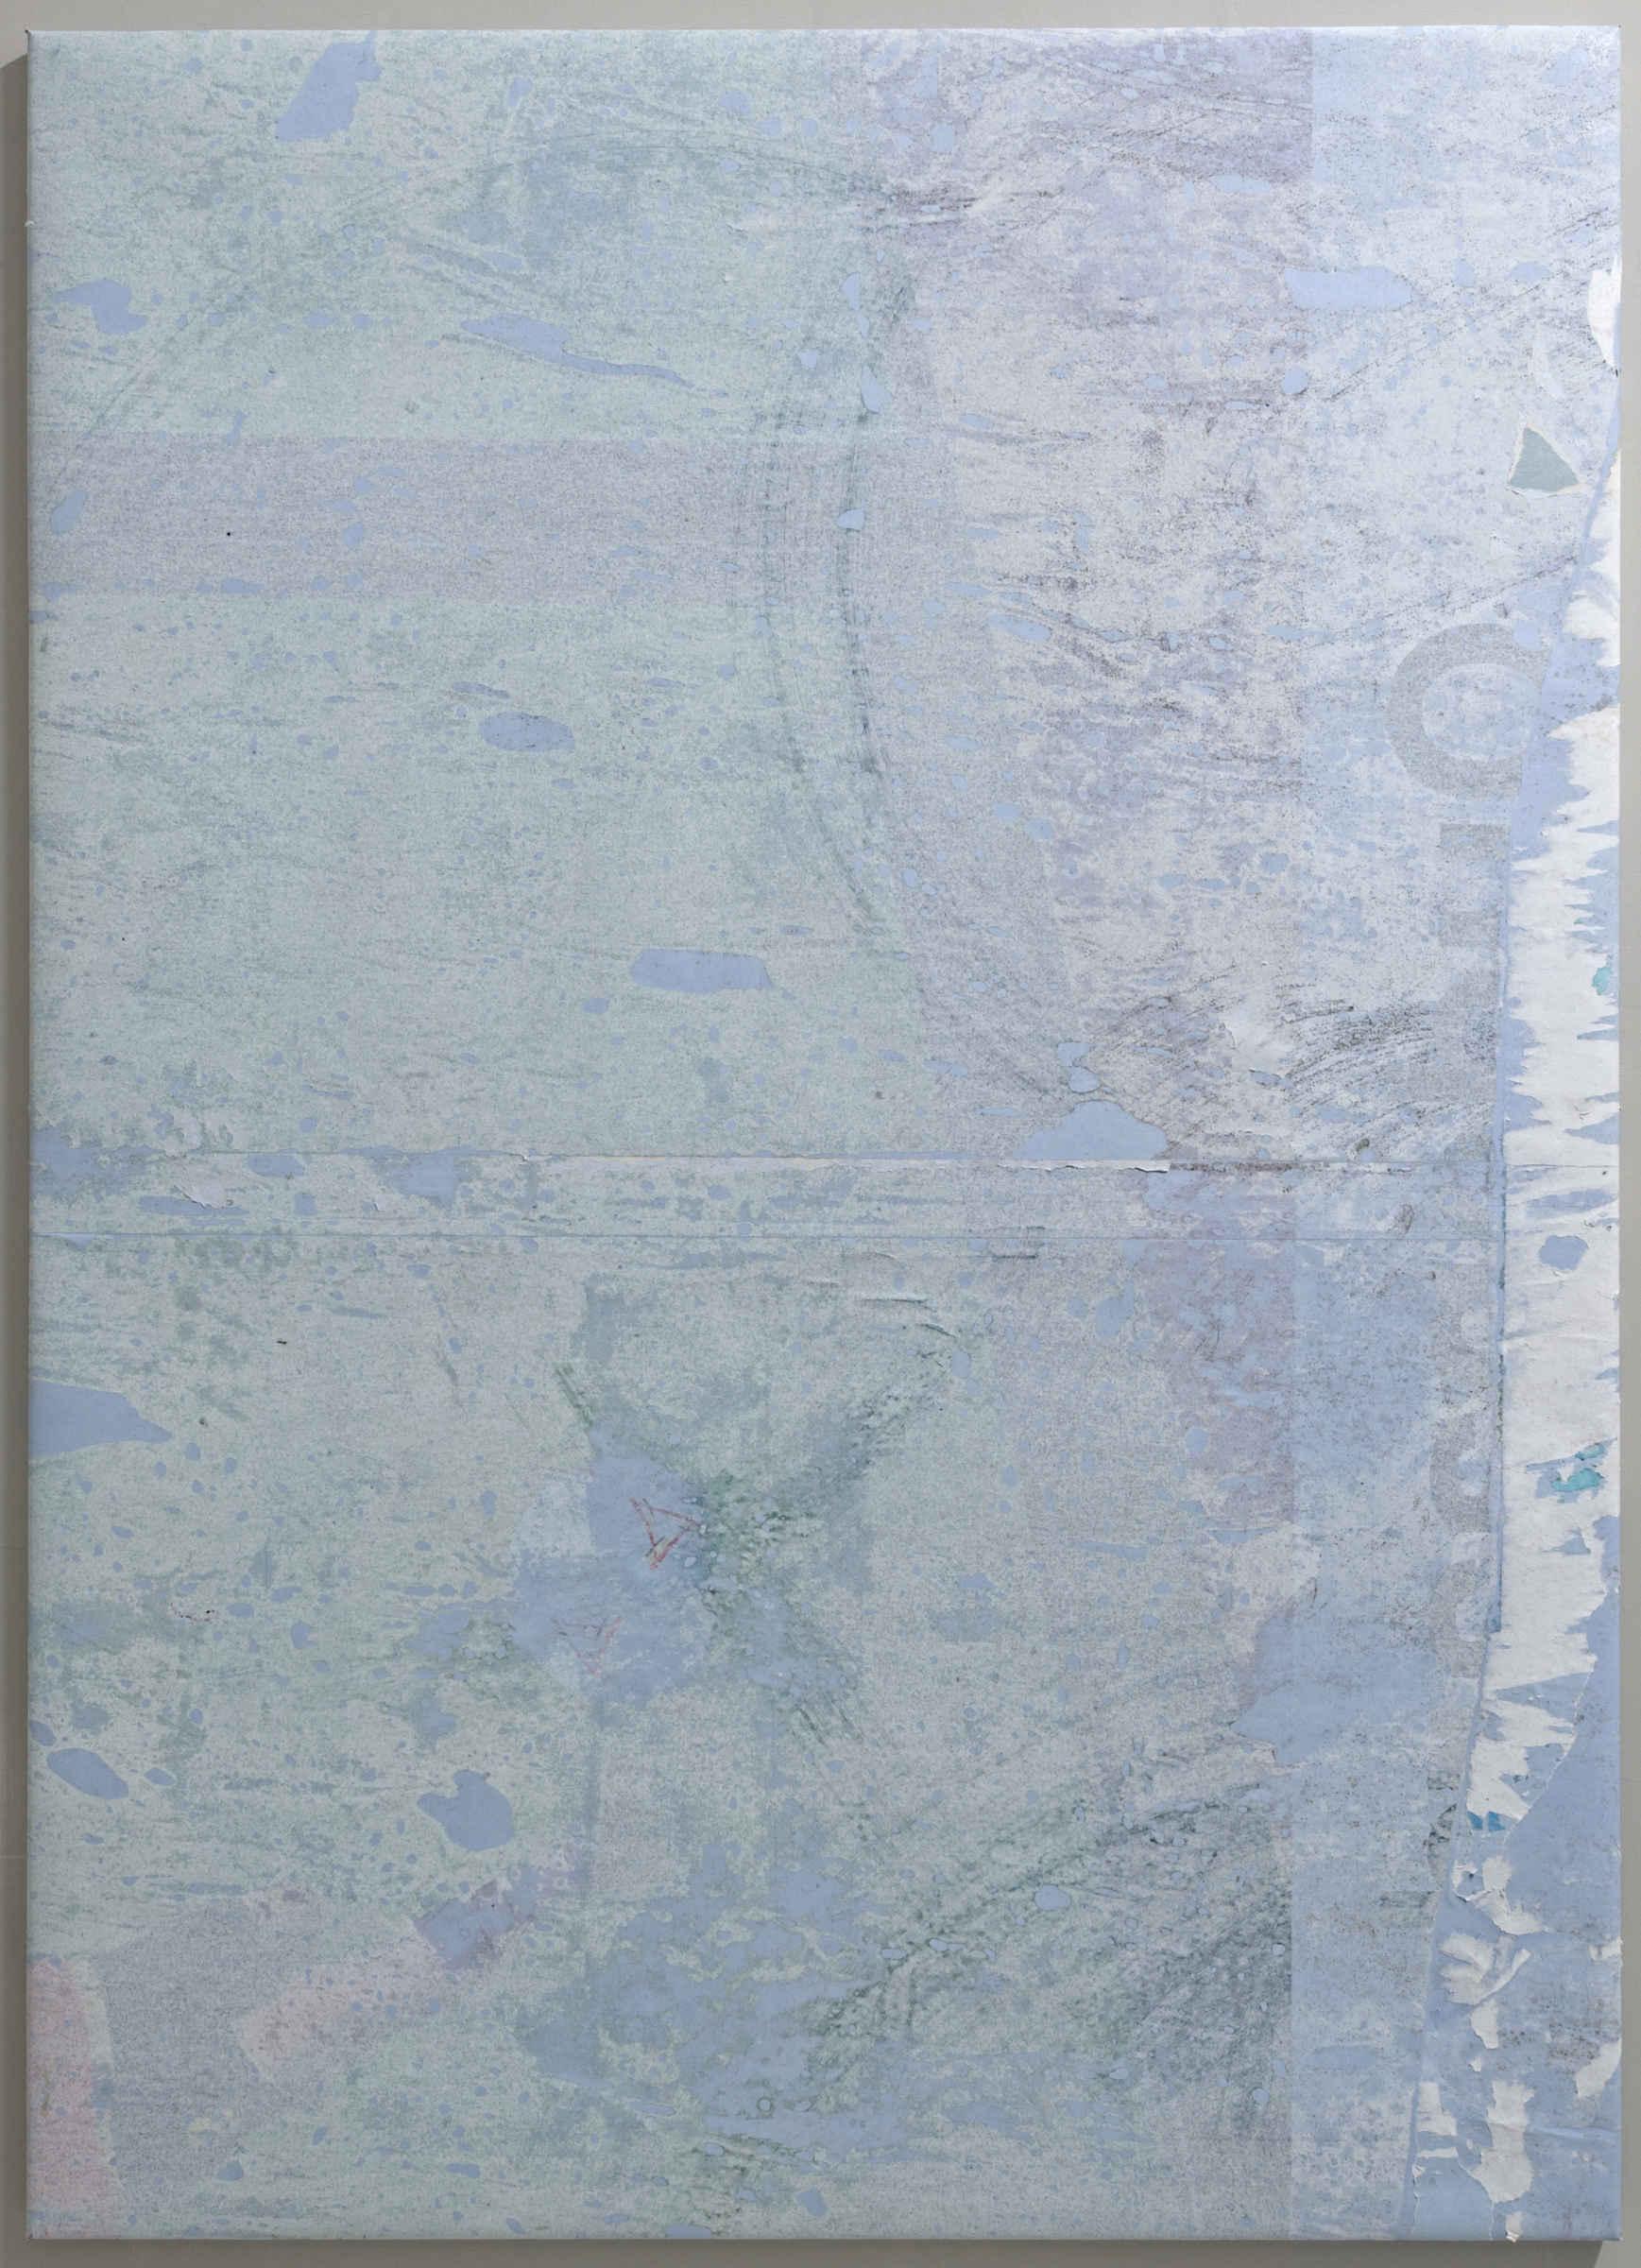 1a. Simon Laureyns, Untitled, paper, 140x100cm, 2016